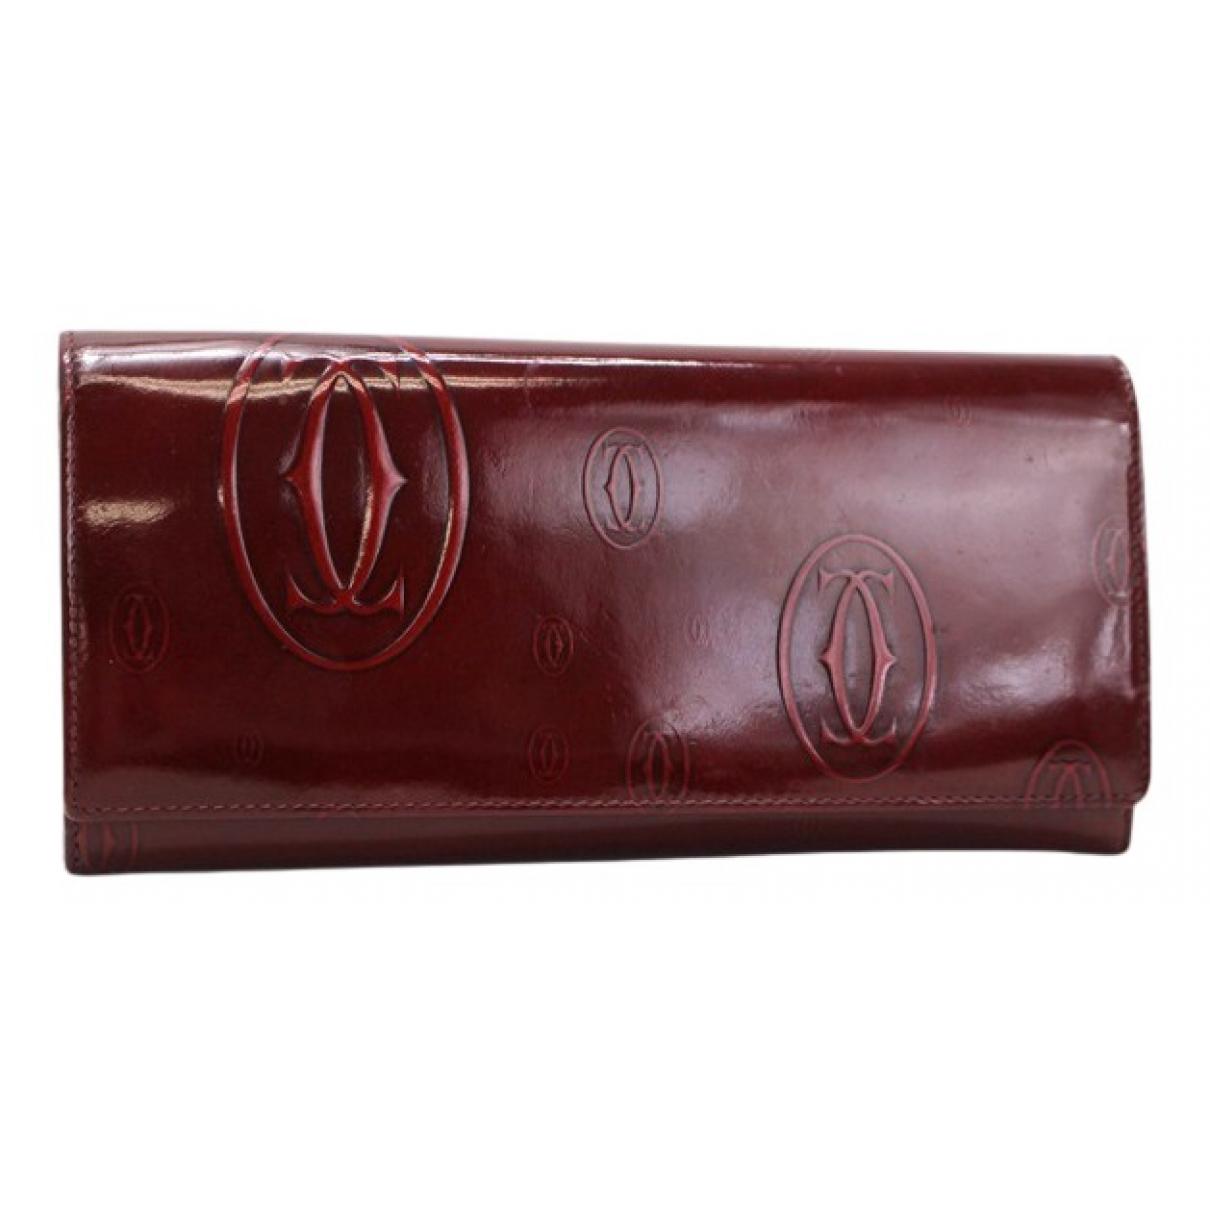 Cartier - Portefeuille   pour femme en cuir verni - bordeaux